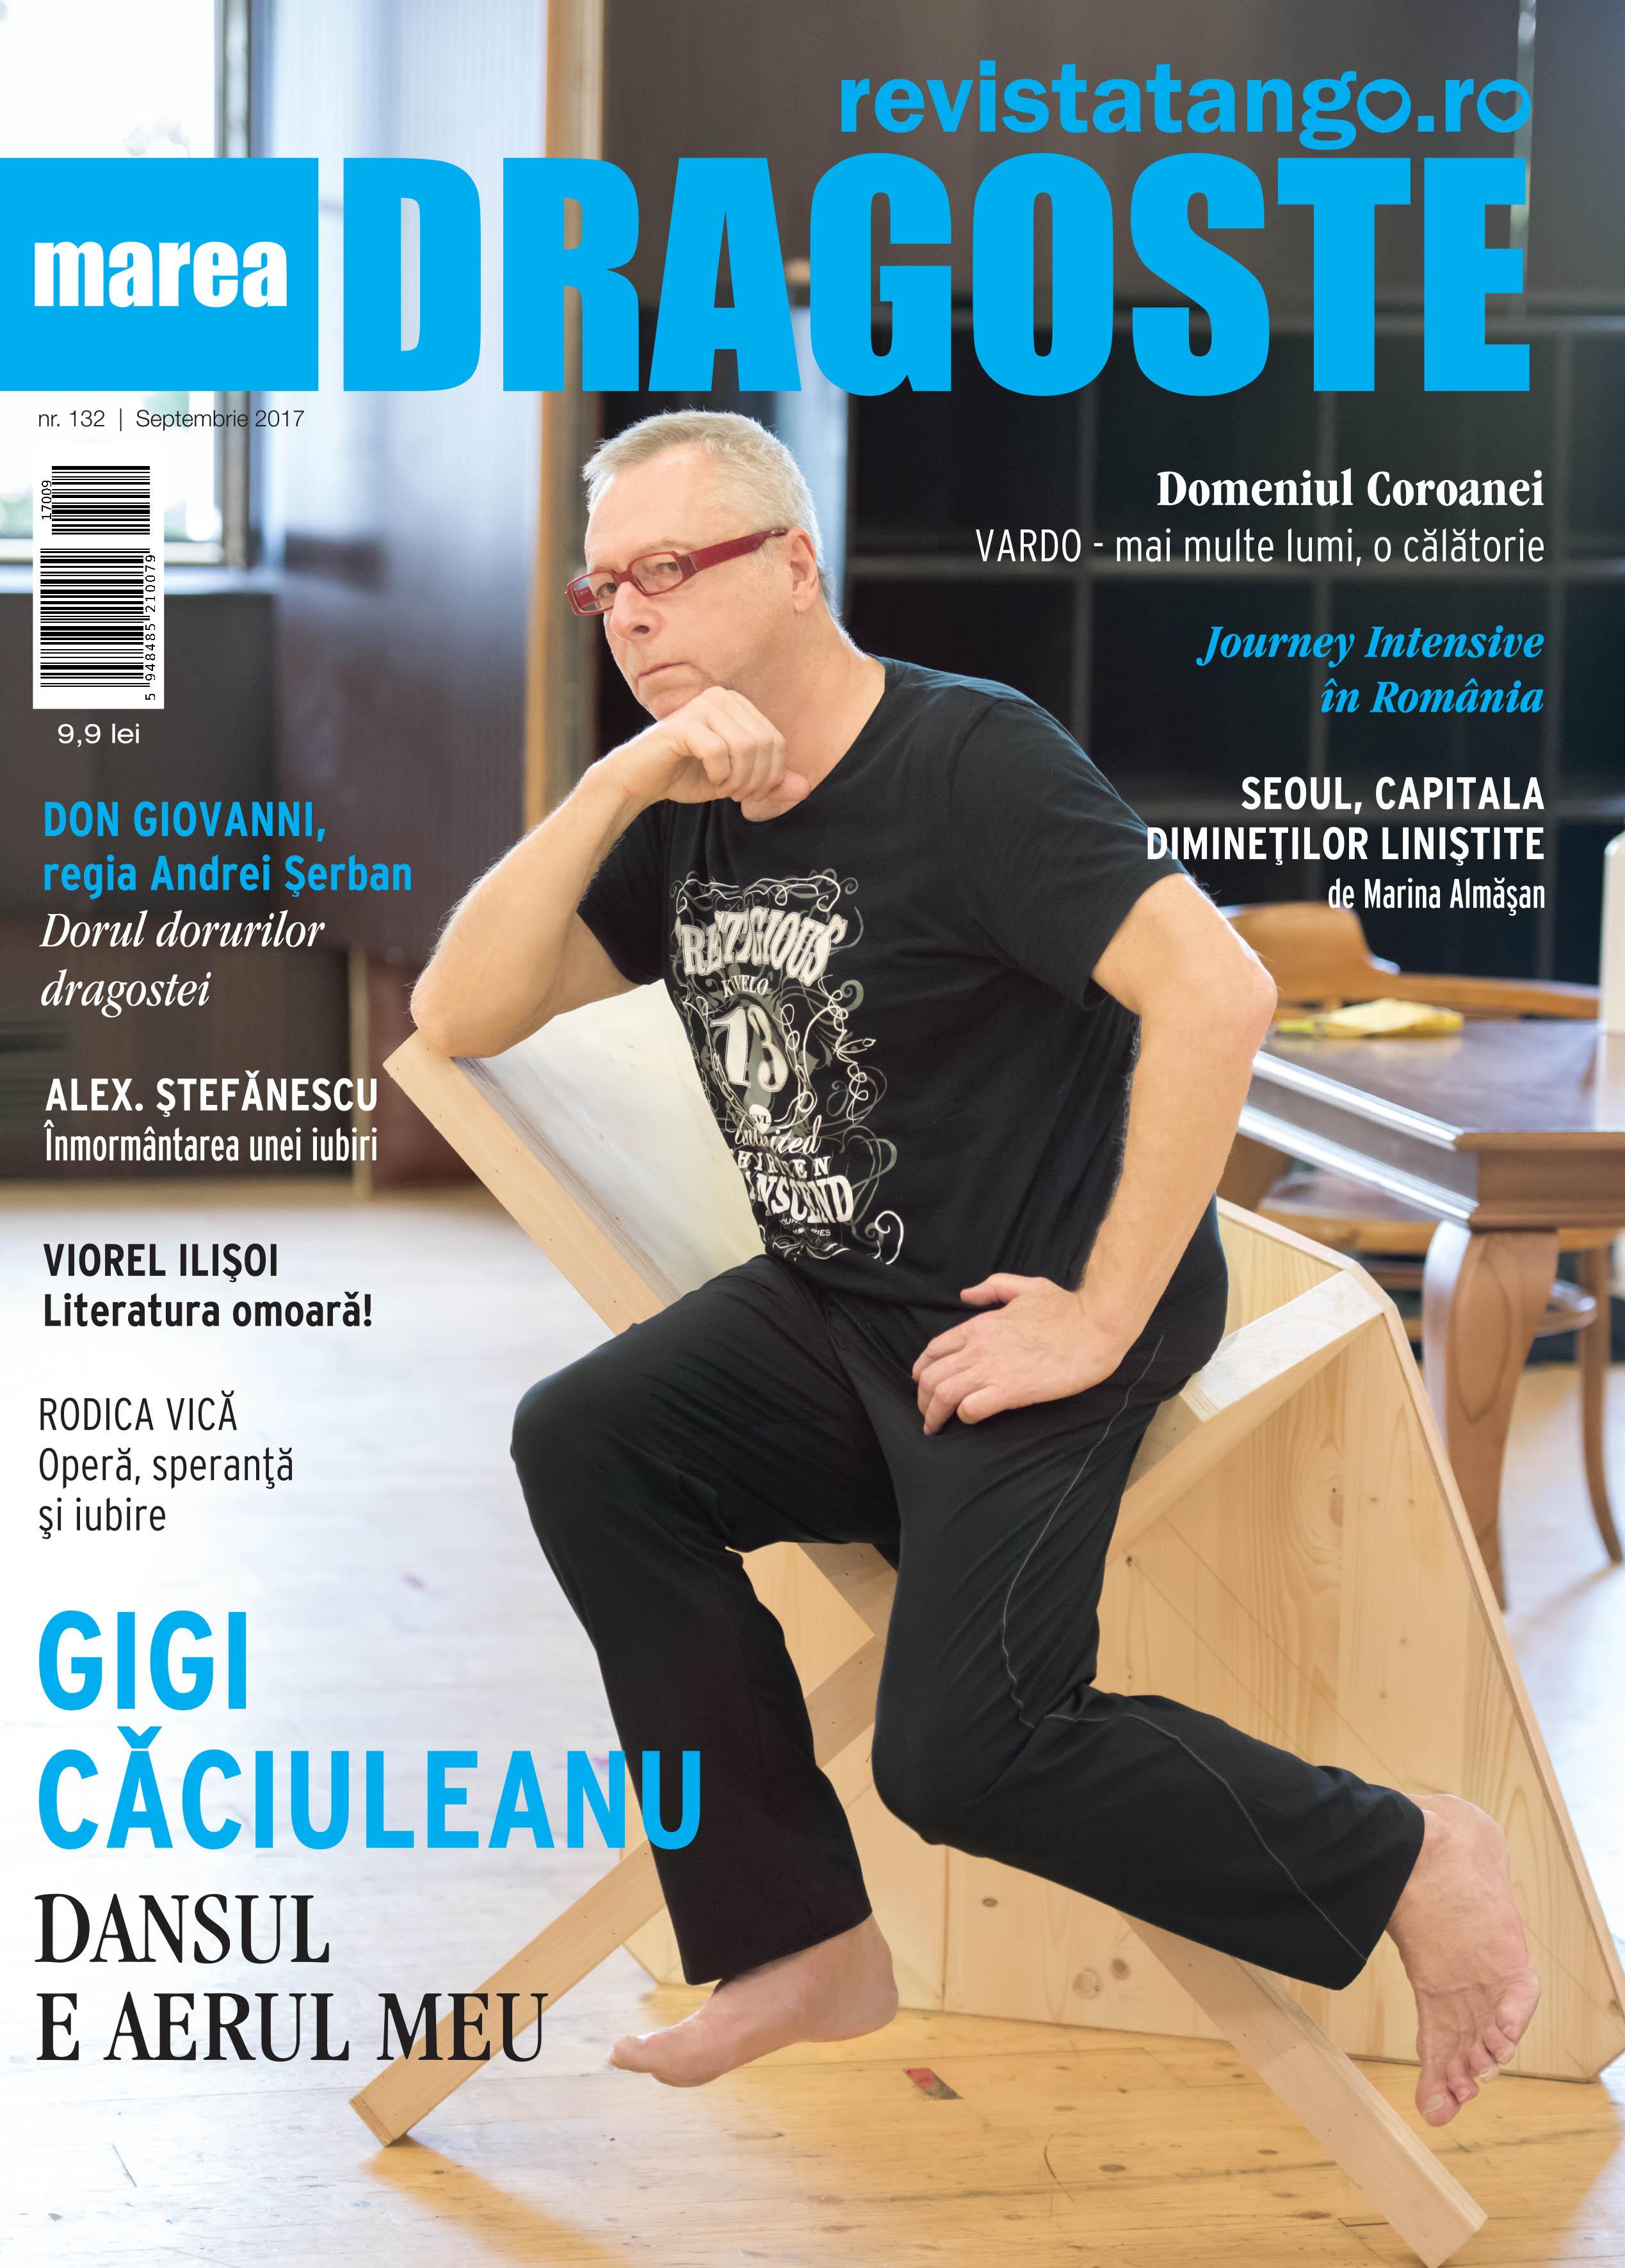 Gigi Caciuleanu Teodorescu pe coperta Marea Dragoste-revistatango.ro, nr. 132, septembrie 2017